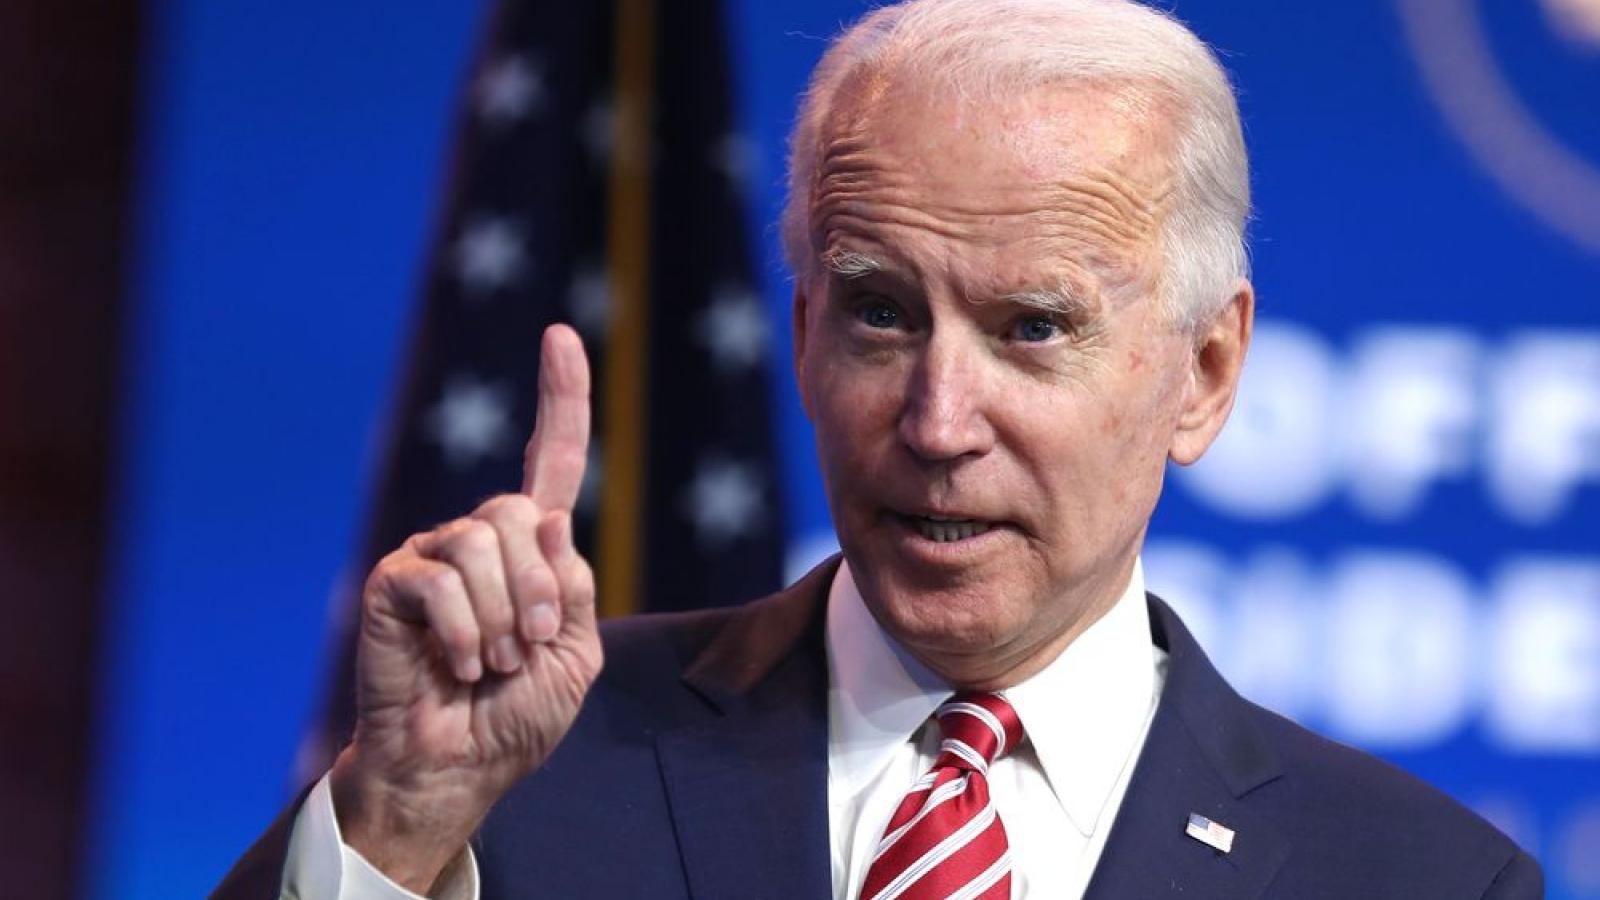 """Chính quyền Biden sẽ bắt tay với đồng minh ngăn Trung Quốc """"lạm dụng kinh tế"""""""